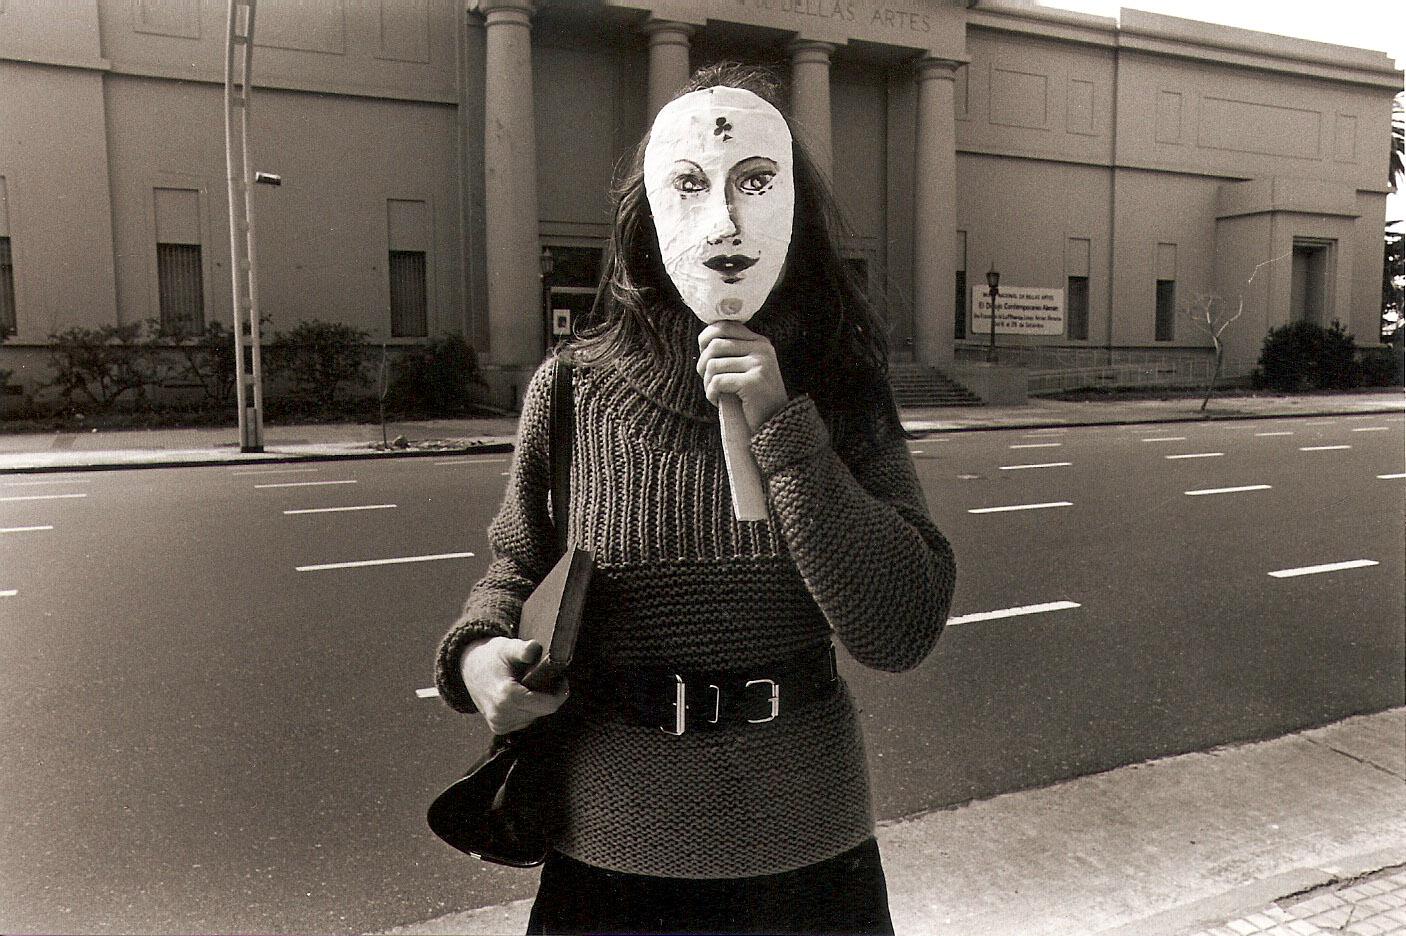 Liliana Maresca, dalla serie Liliana Maresca frente al Museo Nacional de Bellas Artes, Buenos Aires, 1984. Photo Marcos López